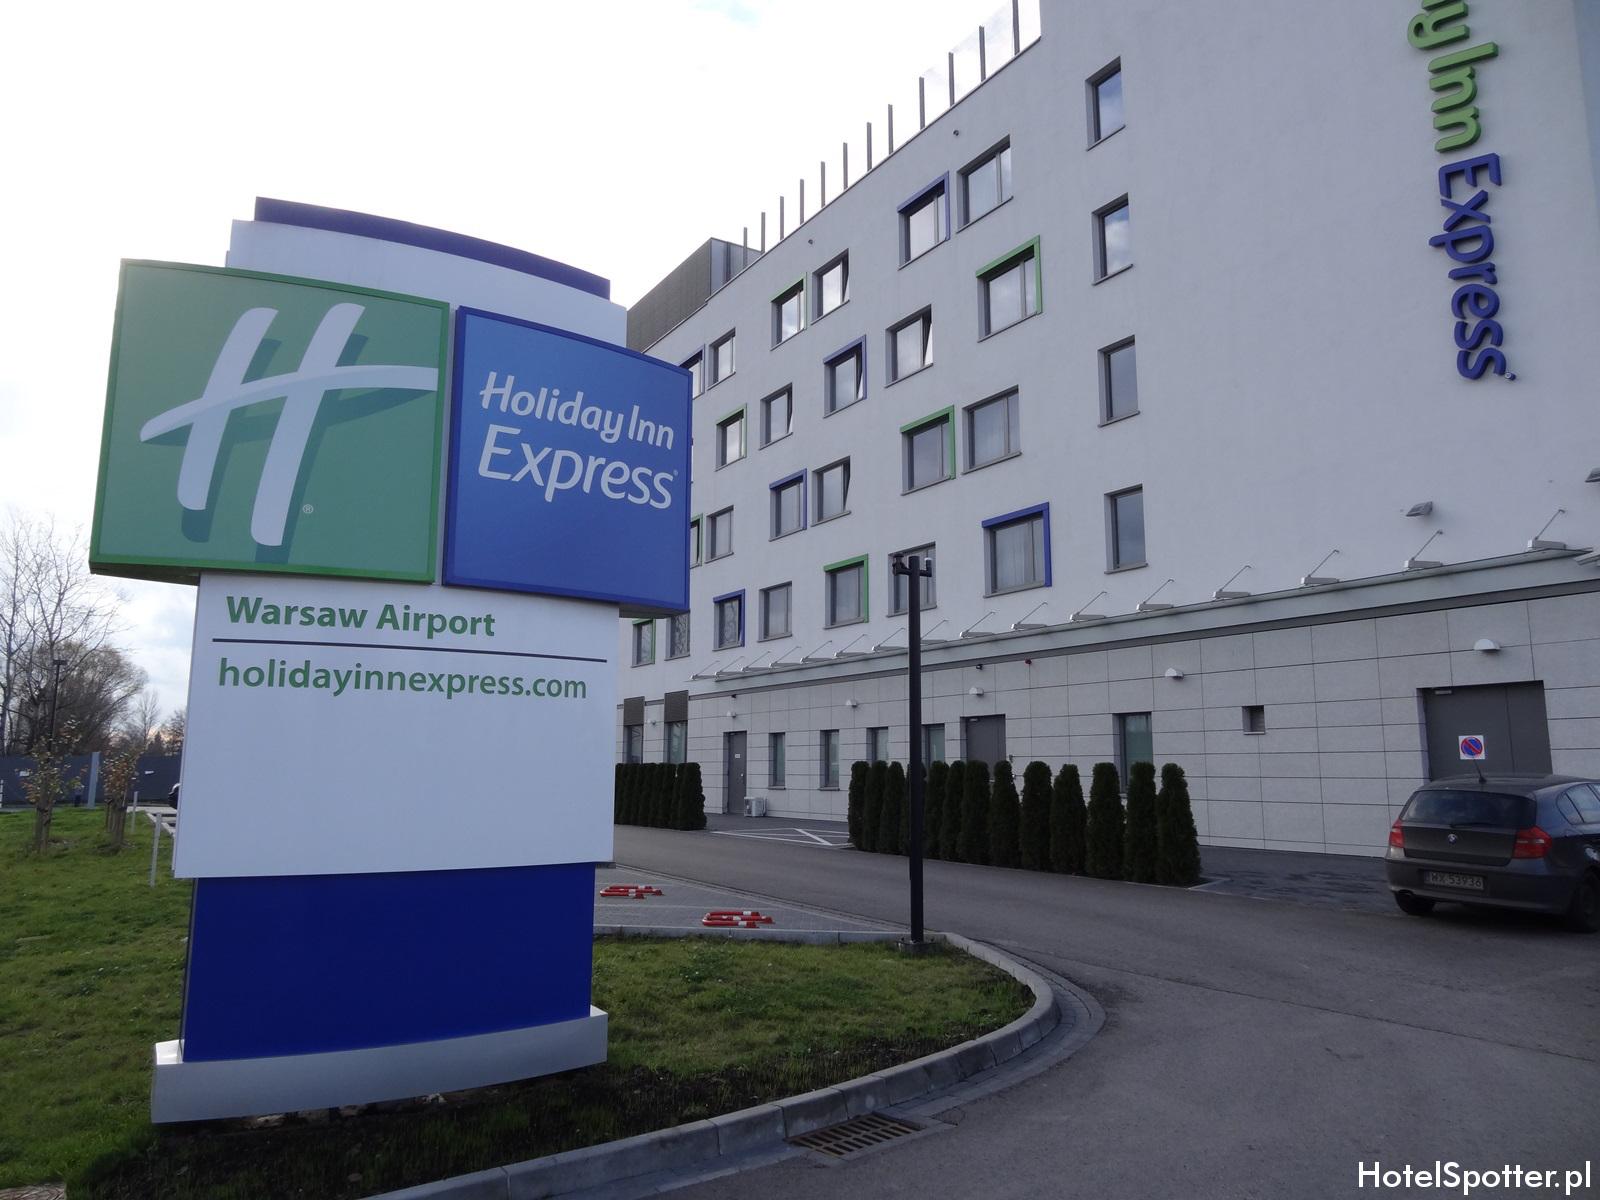 Holiday Inn Express Warsaw Airport wygląd zewnętrzny